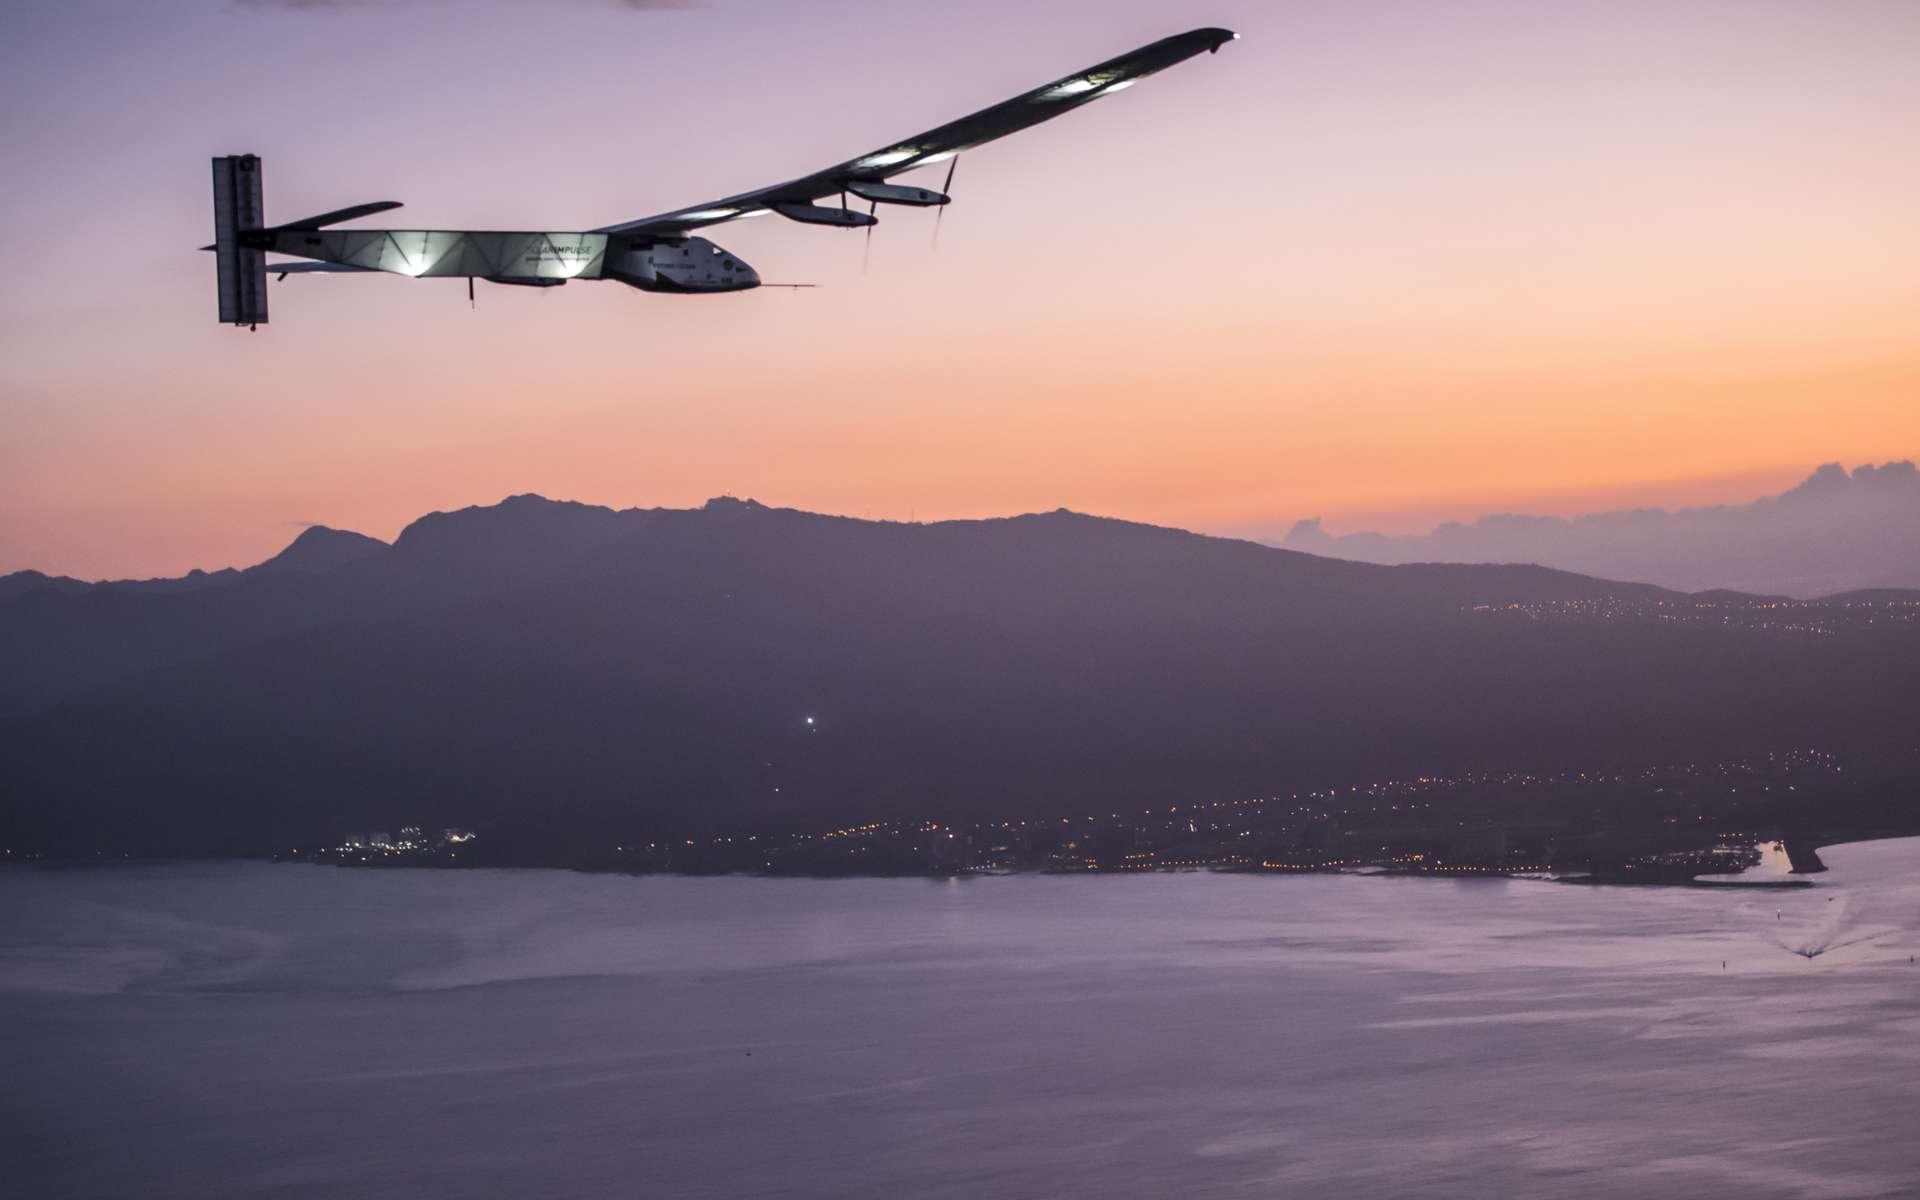 Le SI2, l'avion solaire du tour du monde, s'est posé à Hawaï le 3 juillet 2015. © Solar Impulse, Revillard, Rezo.ch